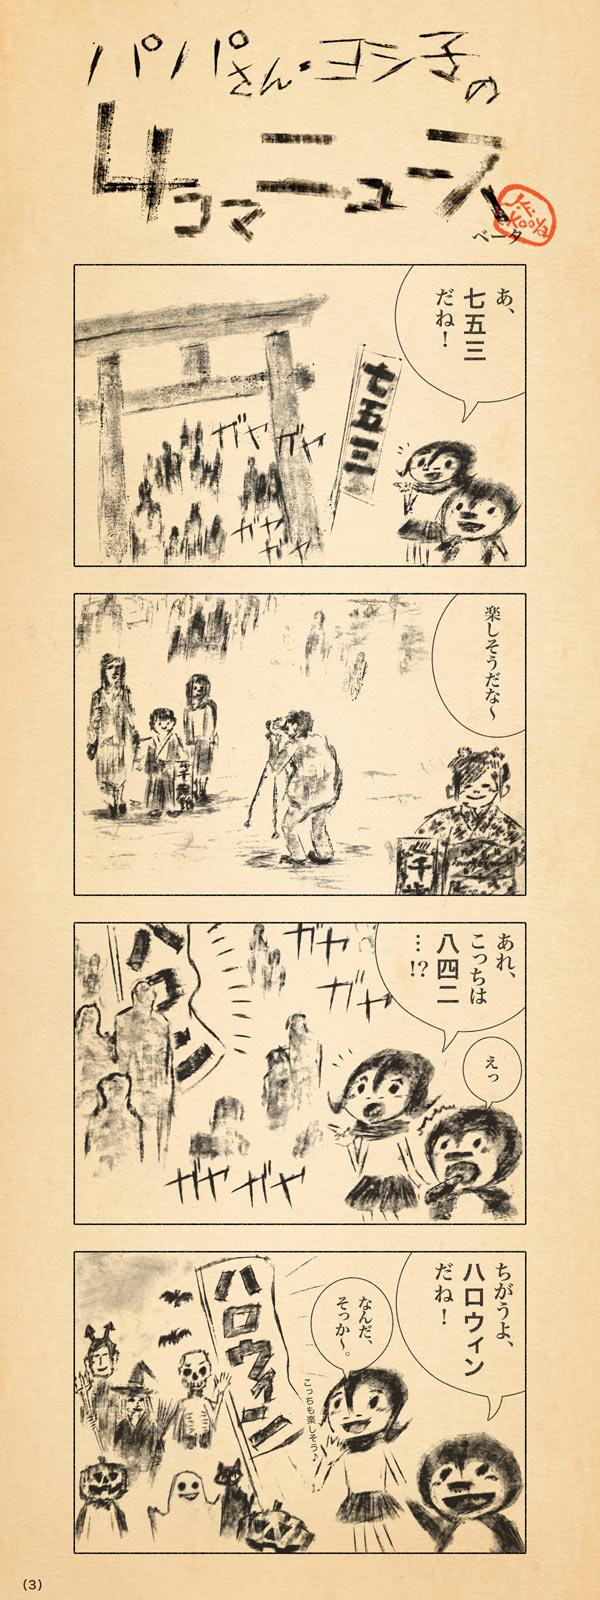 パパさん・ヨシ子の4コマニュース(3) by J.F.Kooya